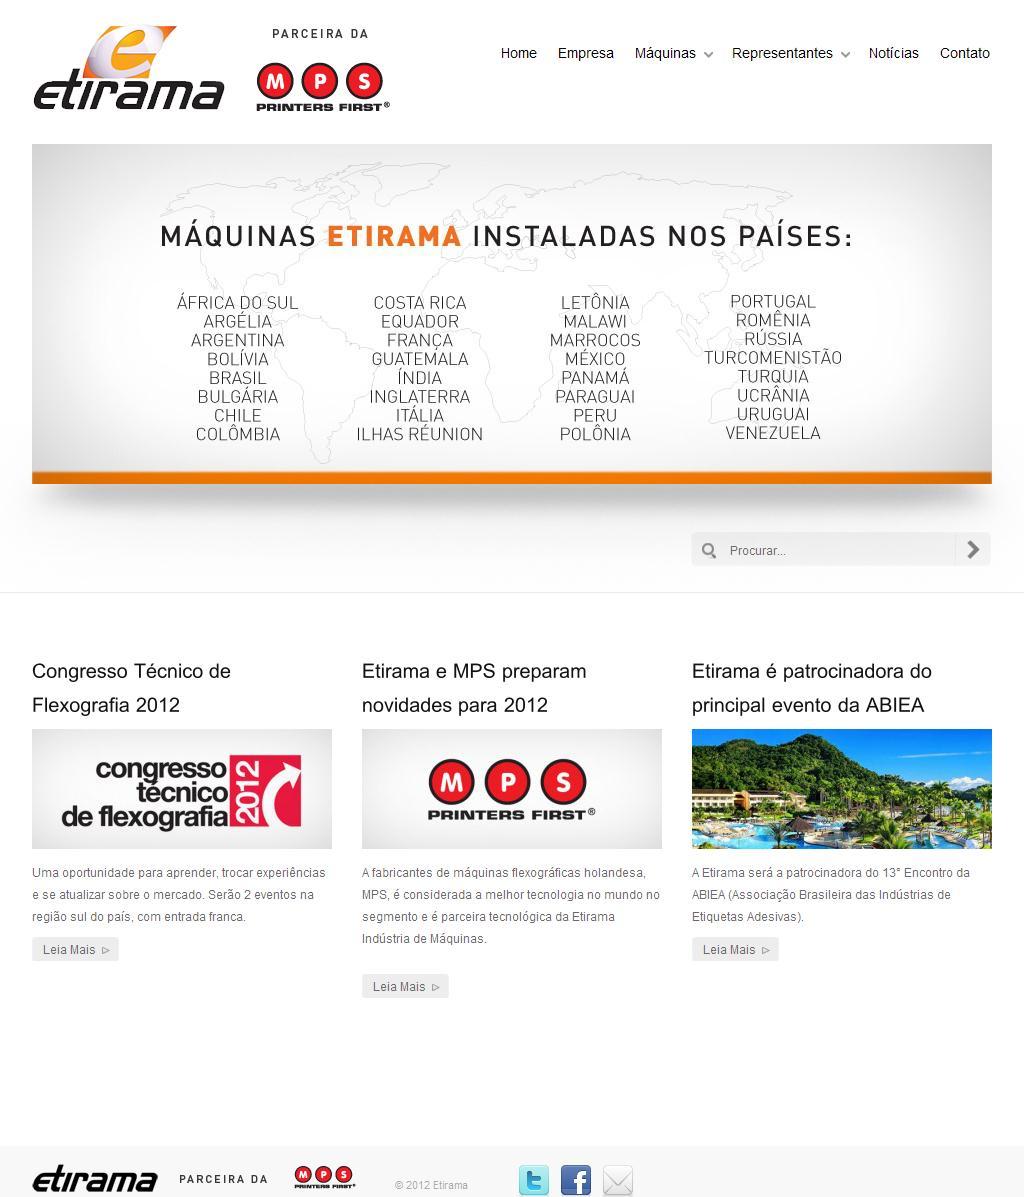 Etirama | Site Oficial Etirama Indústria de Maquinas